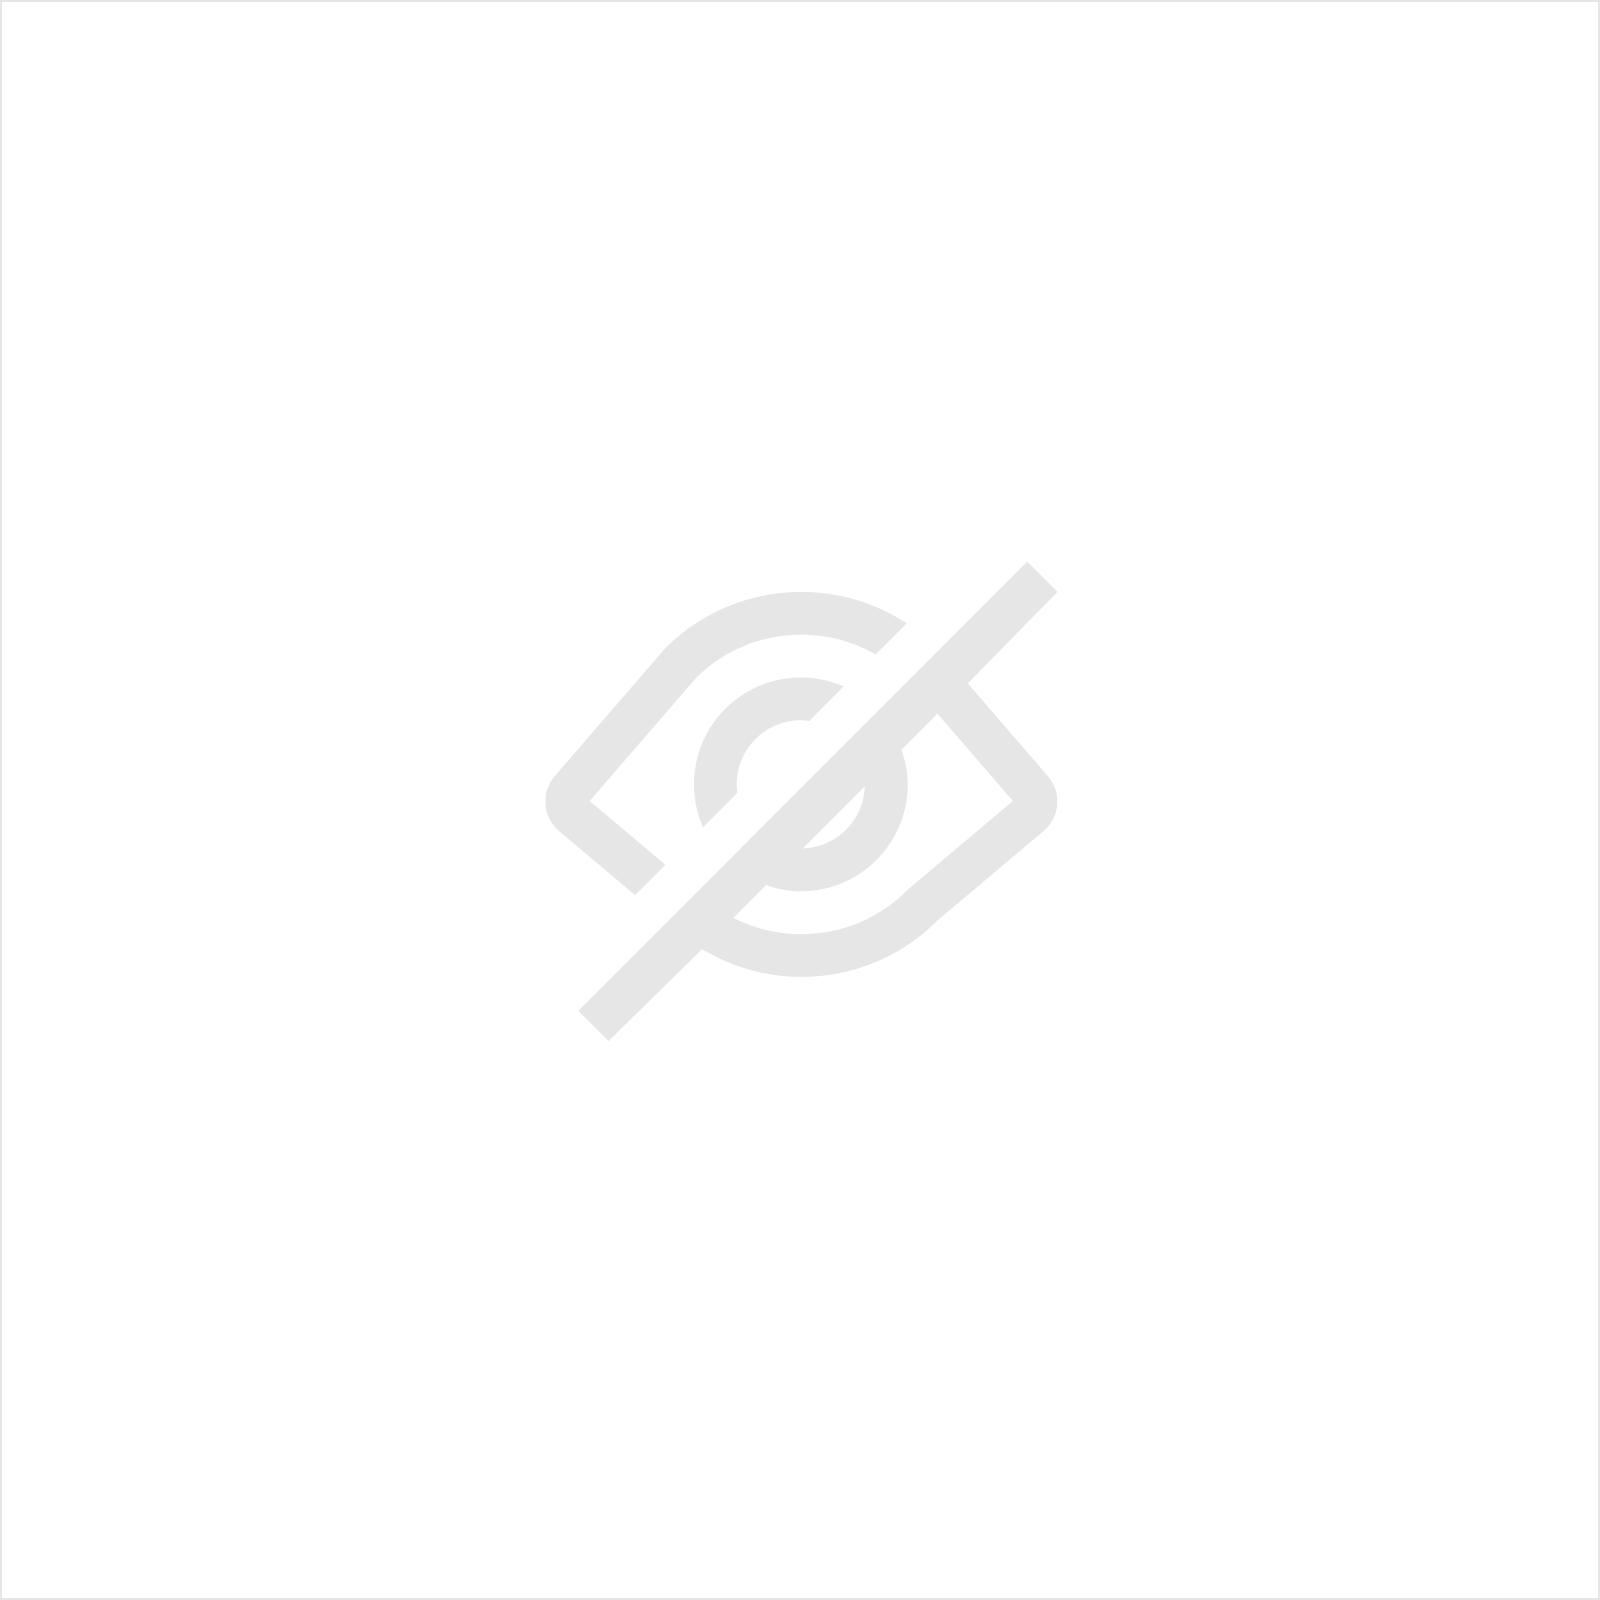 MOLETTES OPTIONELLE POUR BORDEUSE MOULUREUSE 15 MM